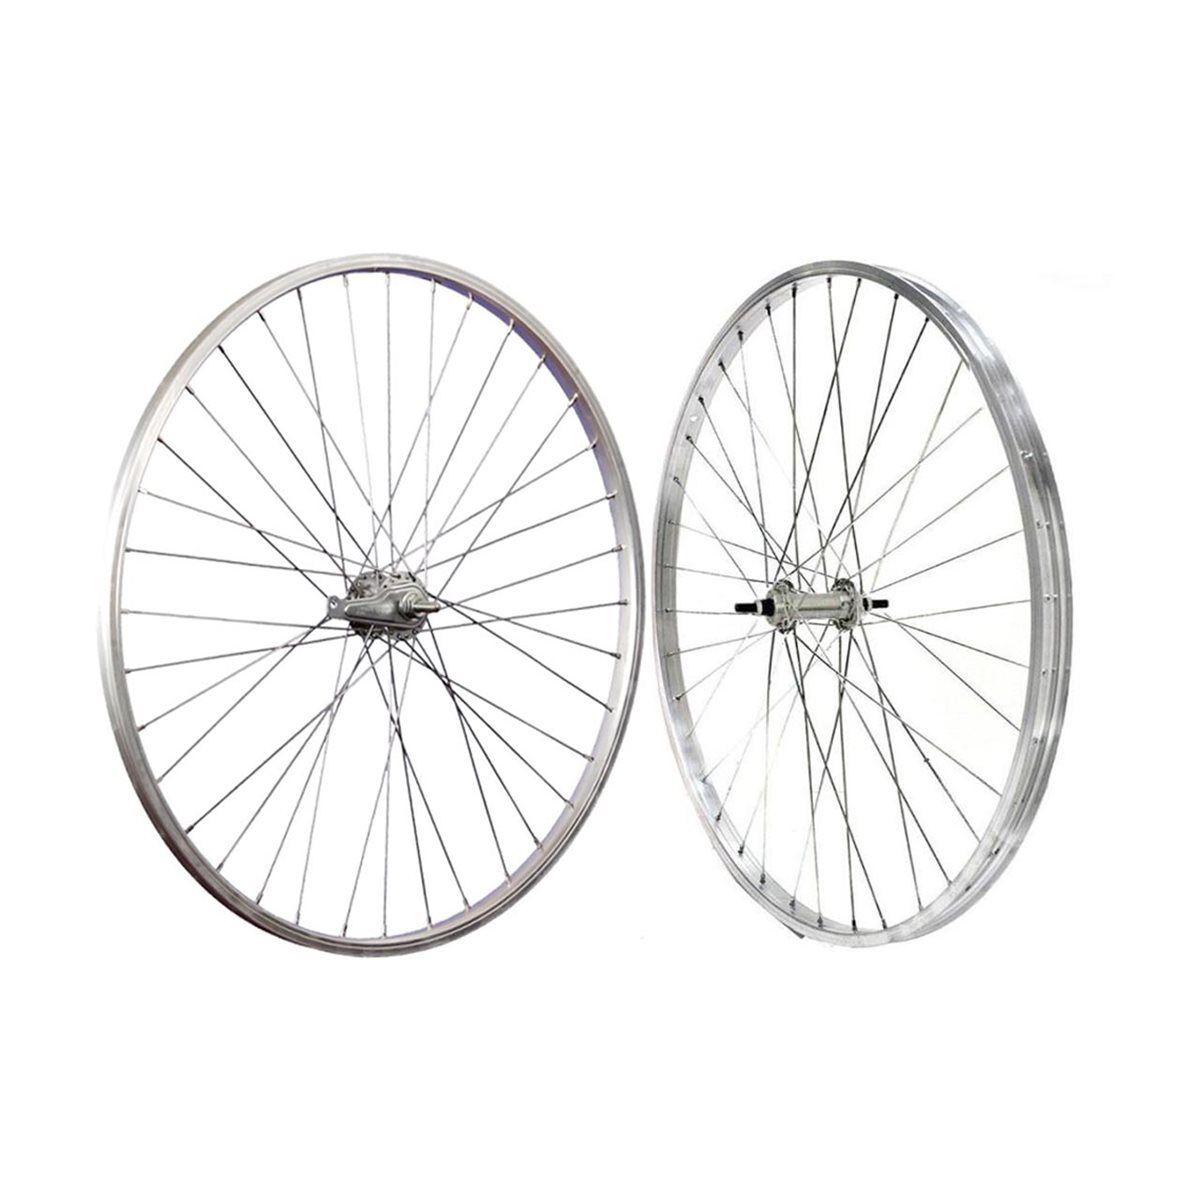 Paire roues city hollande 26  x 1-3 8 frein à rétropédalage silver CNT2638S  exclusive designs